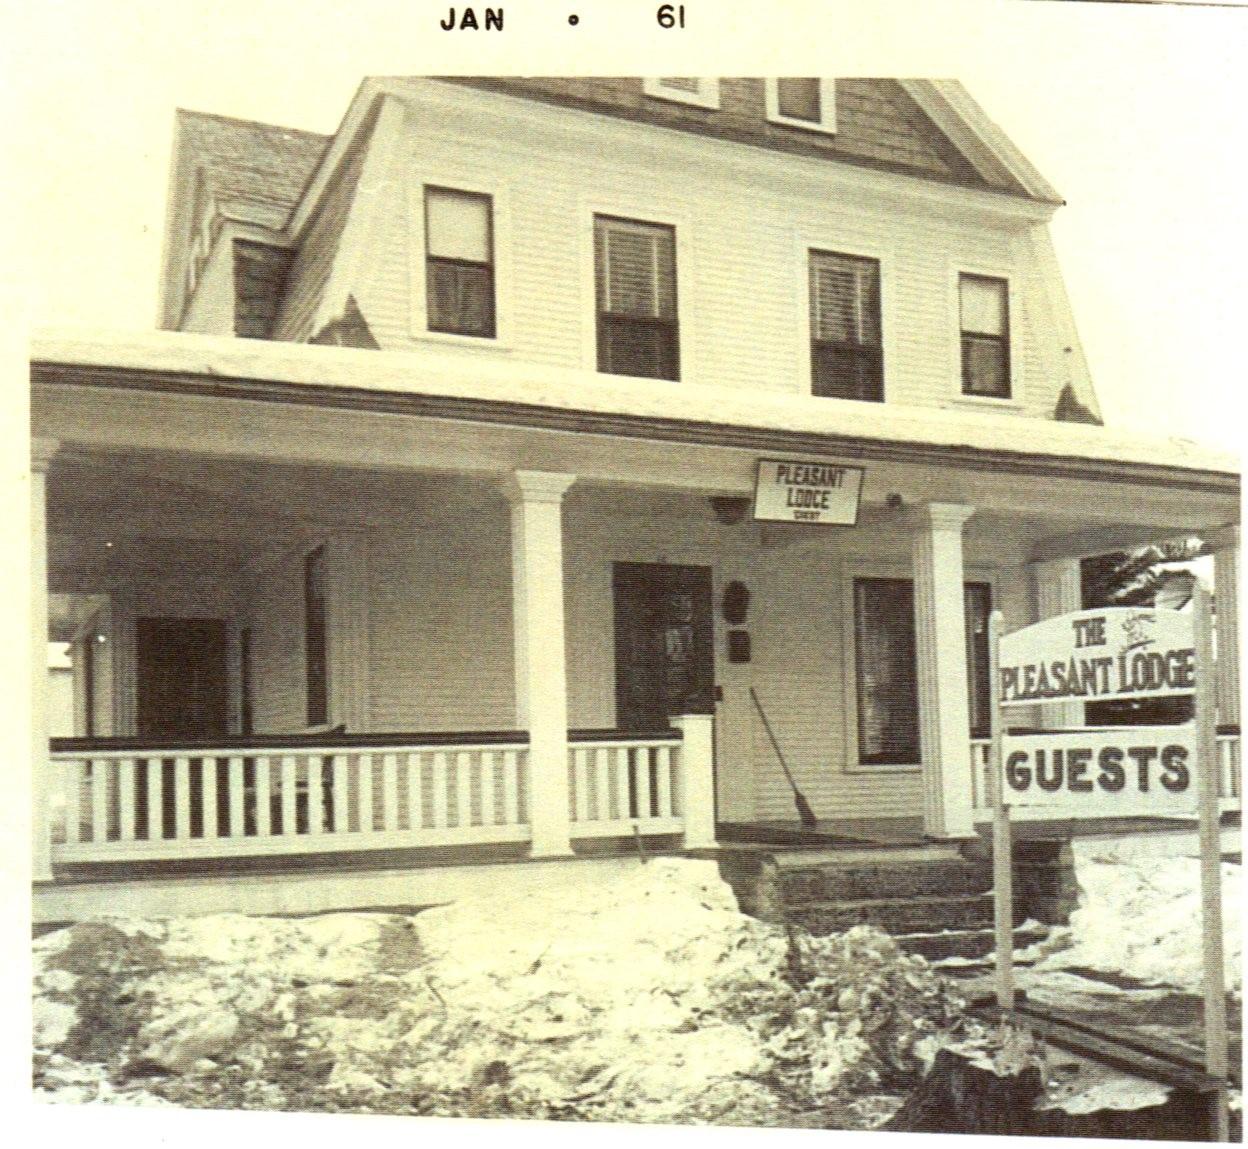 The Pleasant Lodge, circa 1961